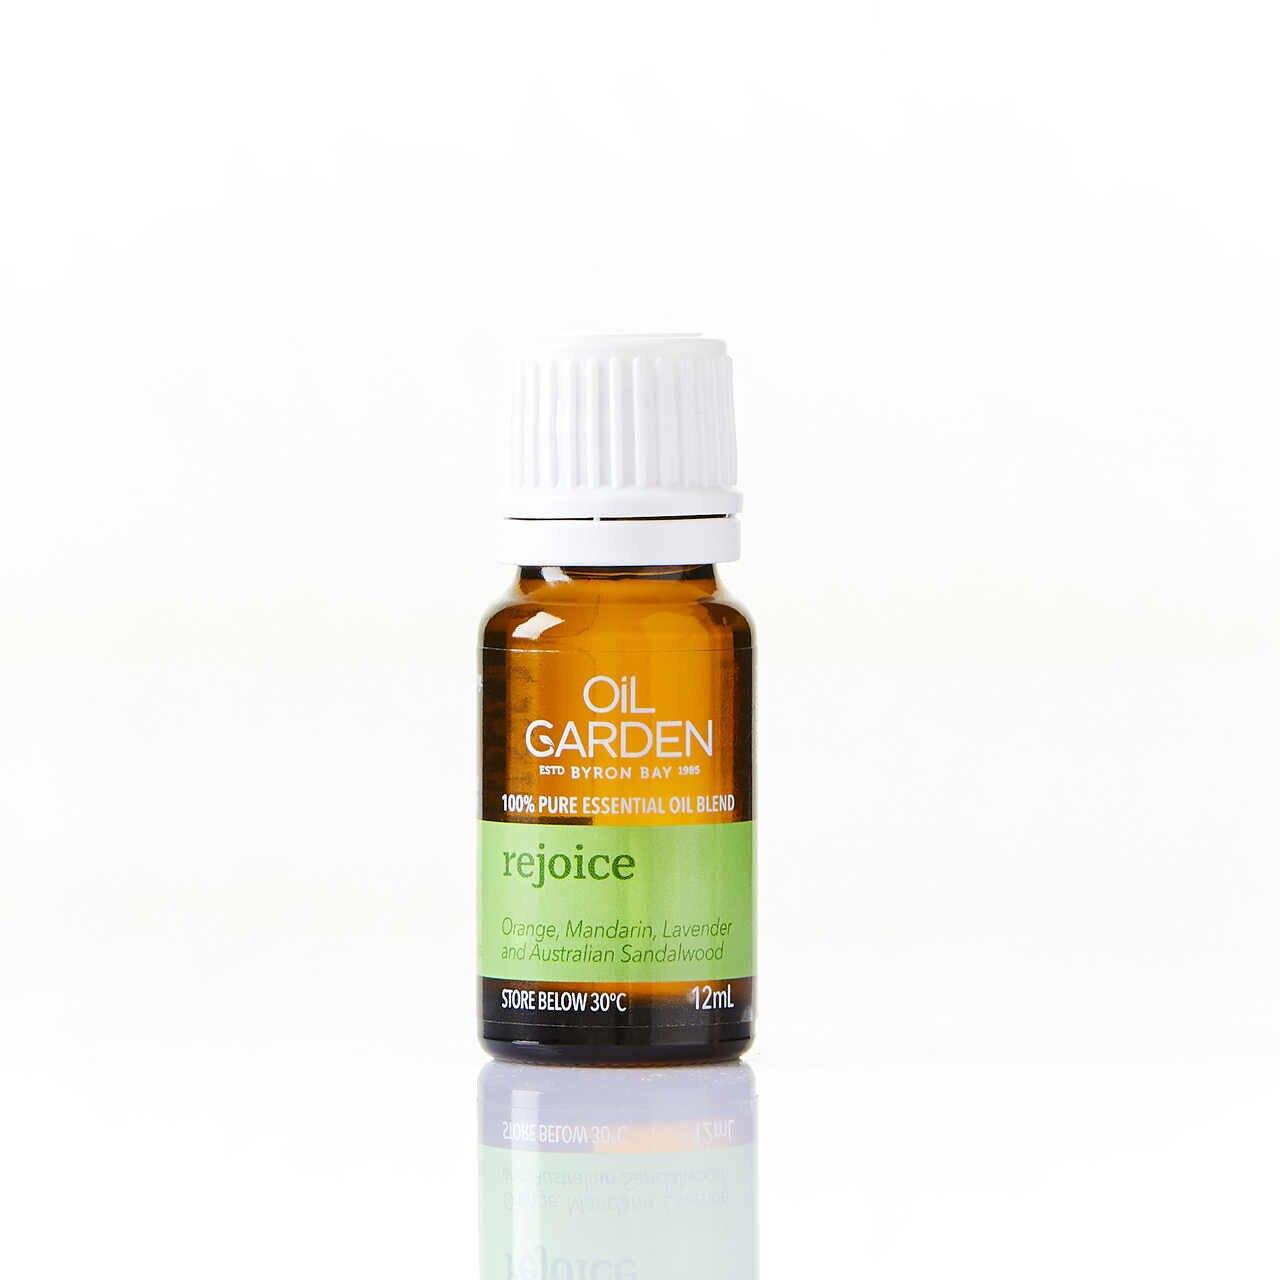 Oil Garden Rejoice Essential Oil Blend 12mL 6620005